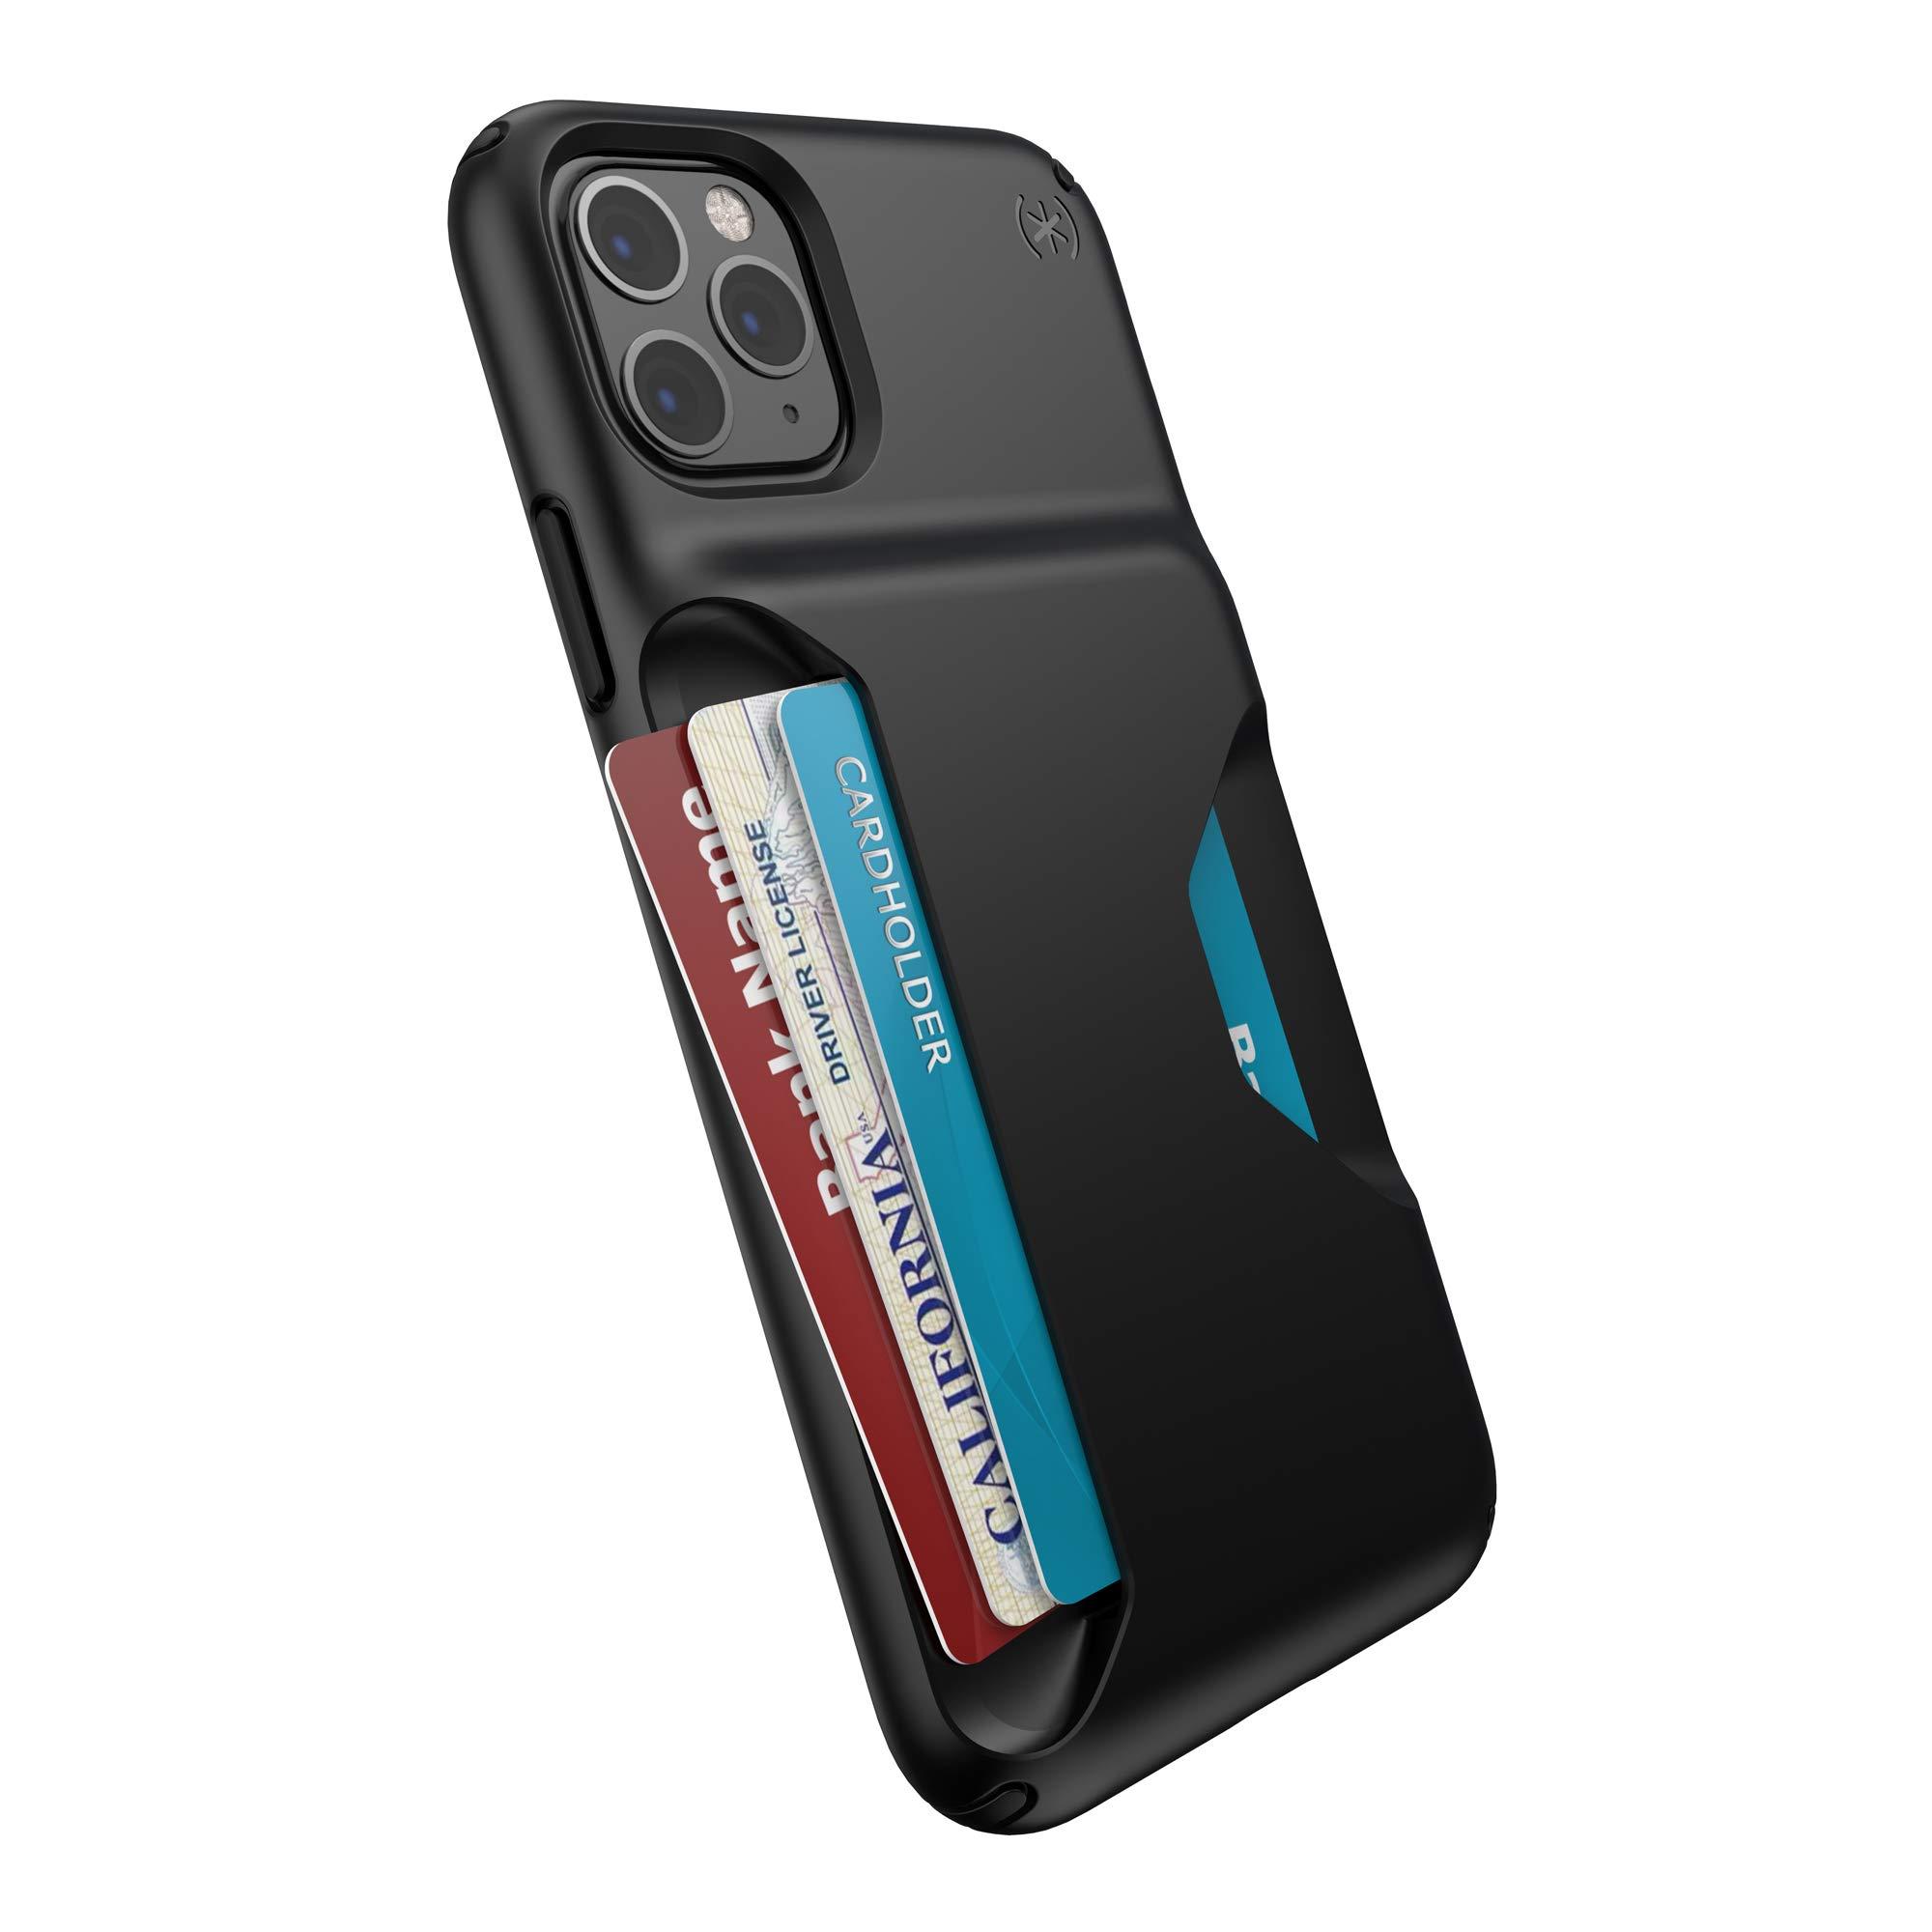 Speck Presidio Wallet iPhone 11 Pro Max Case, Black